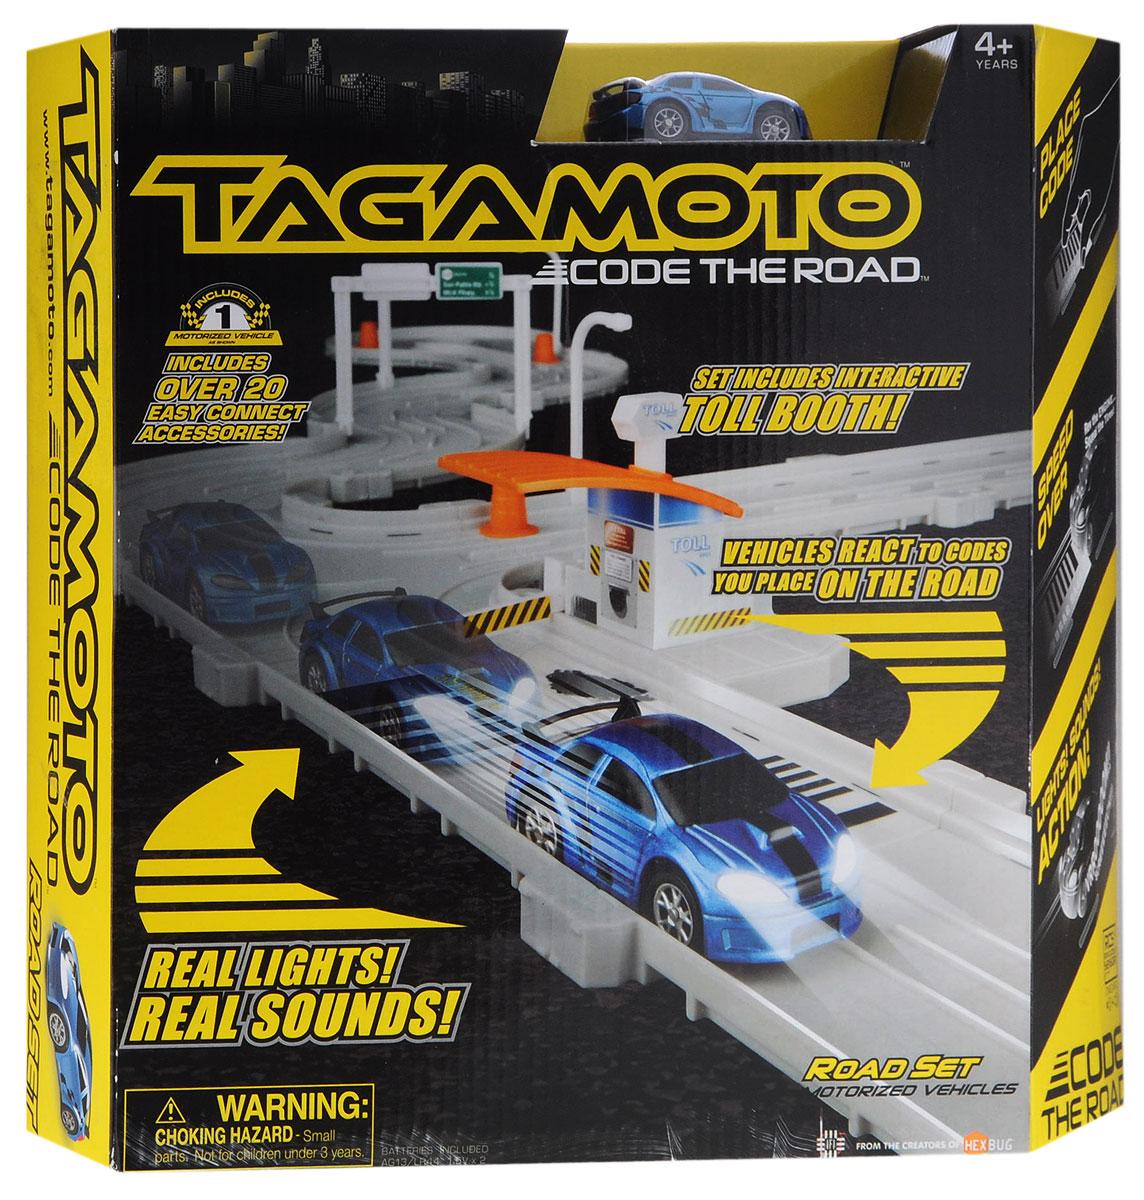 Hexbug Игрушечный трек Тагамото цвет машинки синий